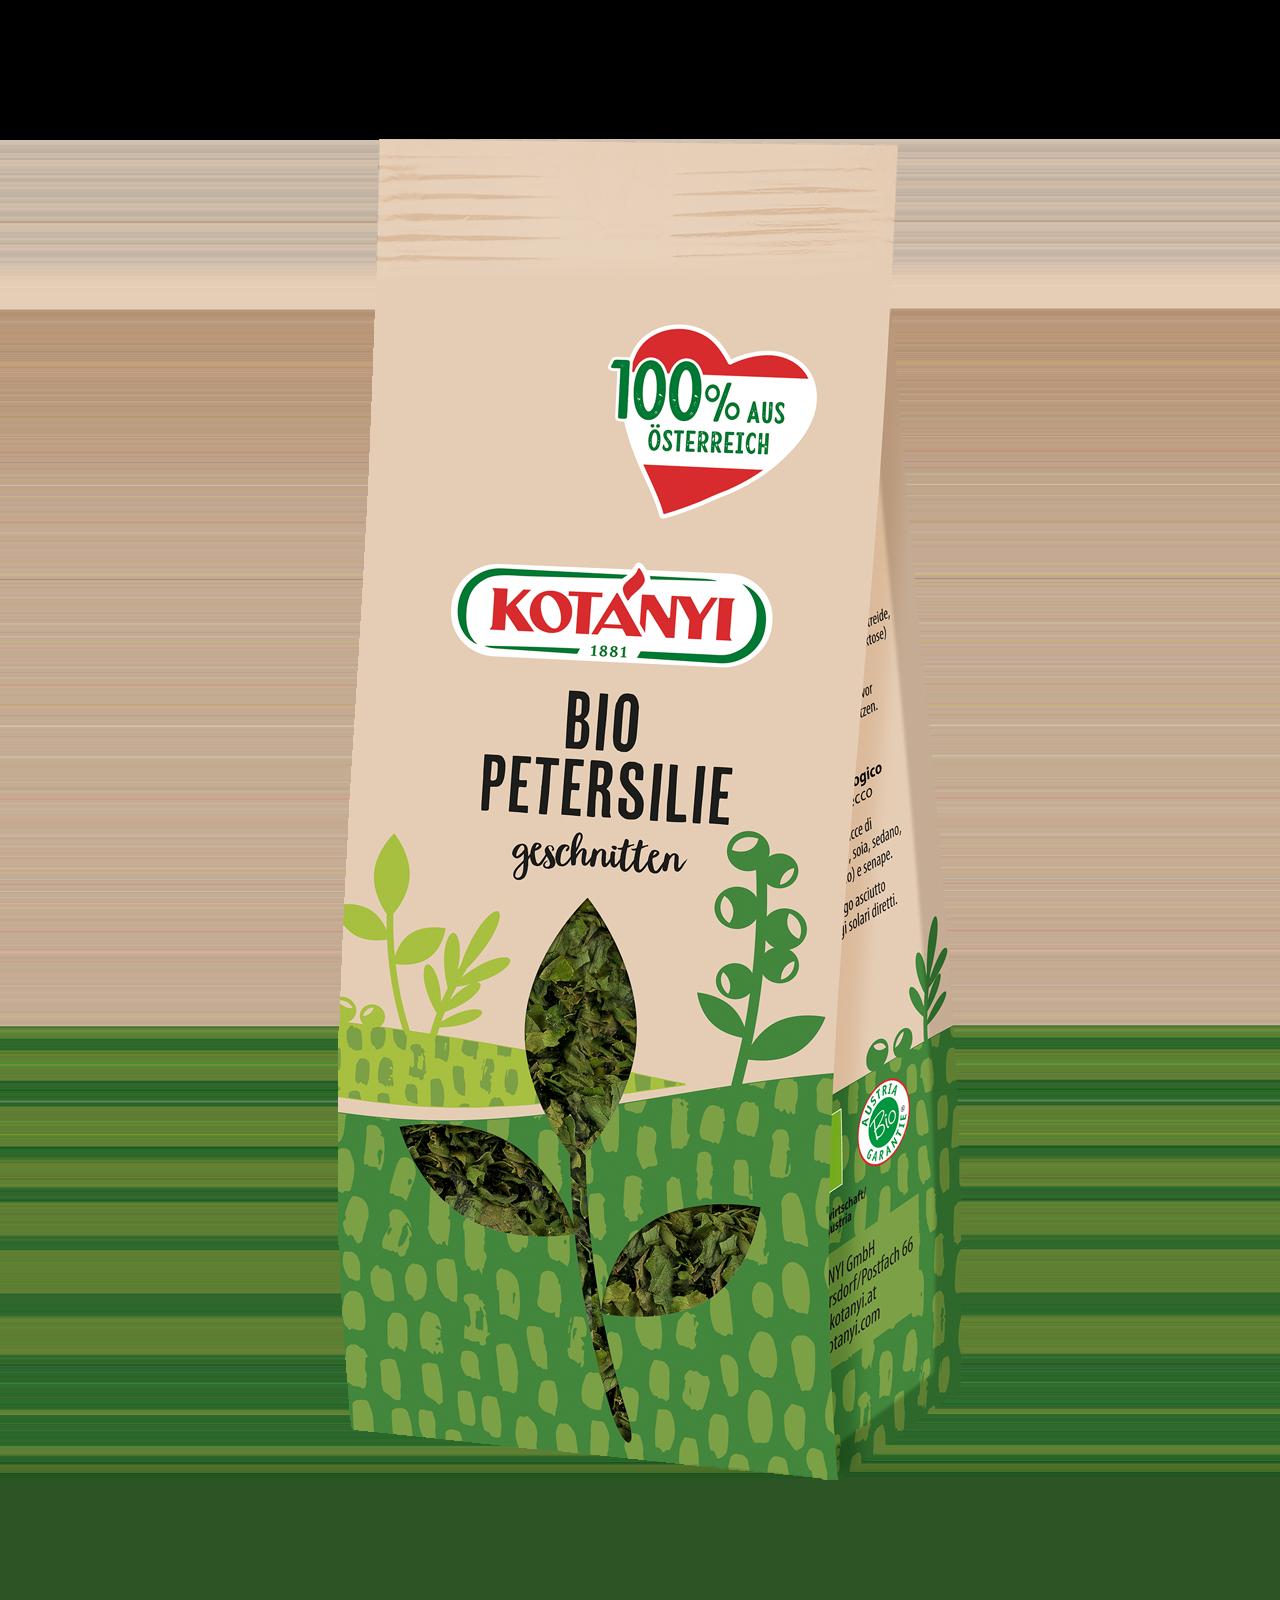 Bio Petersilie At Vorratspackung Kotanyi 0522015